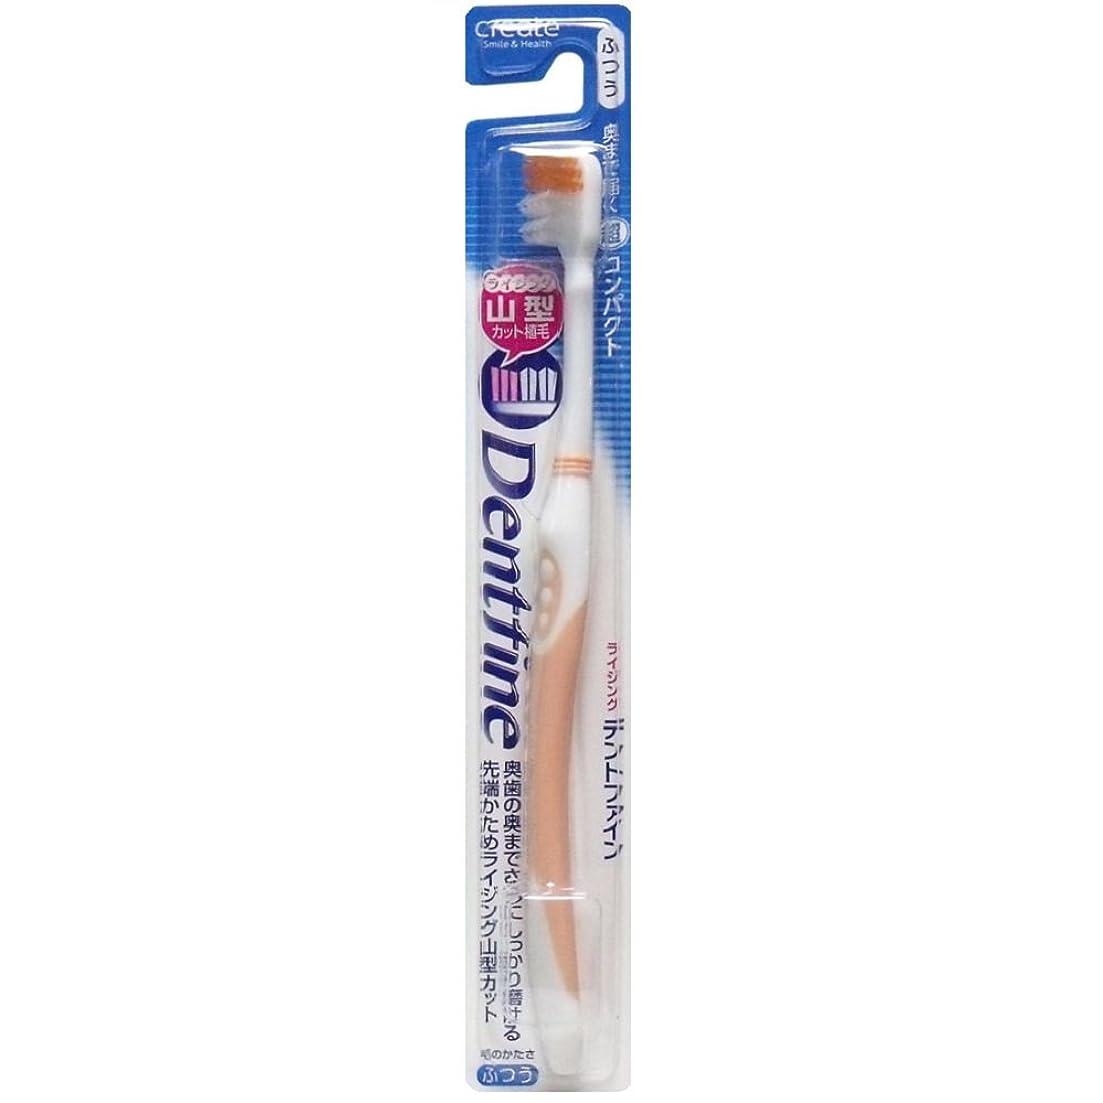 促すピラミッド飾るデントファイン ピュアスタイル 山切りカット 歯ブラシ ふつう 1本:オレンジ